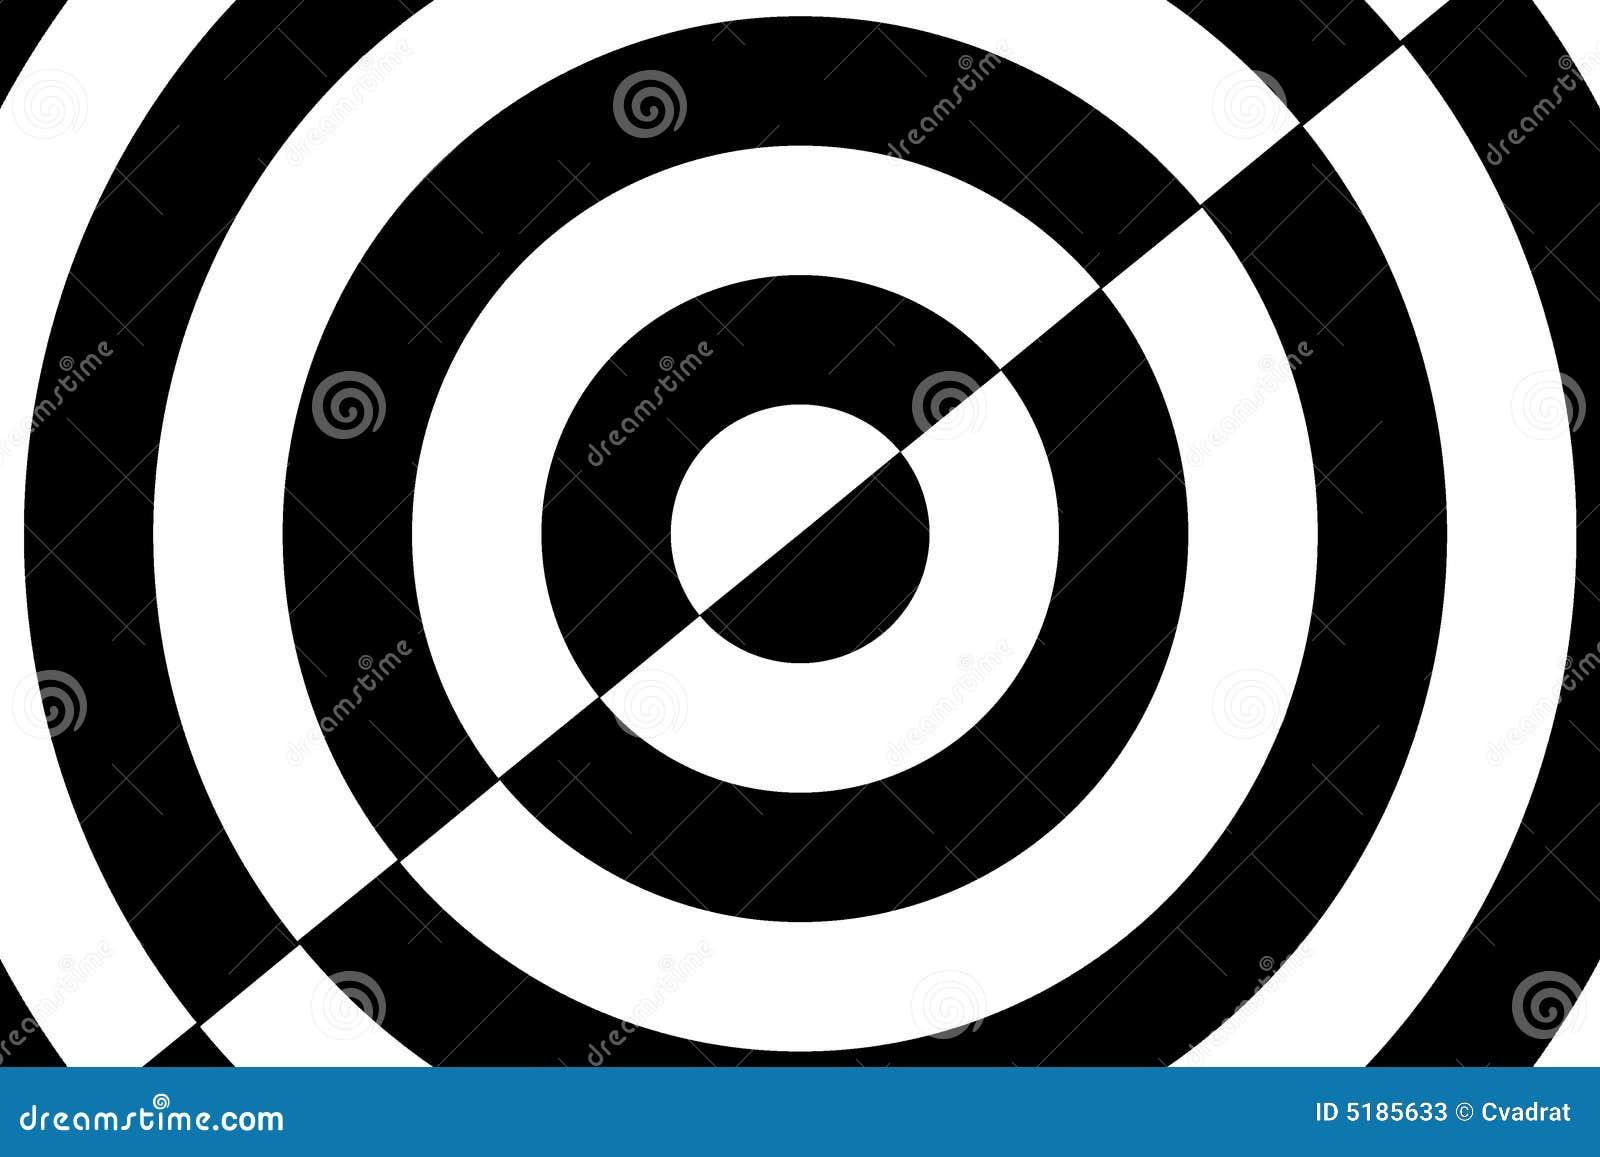 Op Art Counter Circles Stock Photos - Image: 5185633